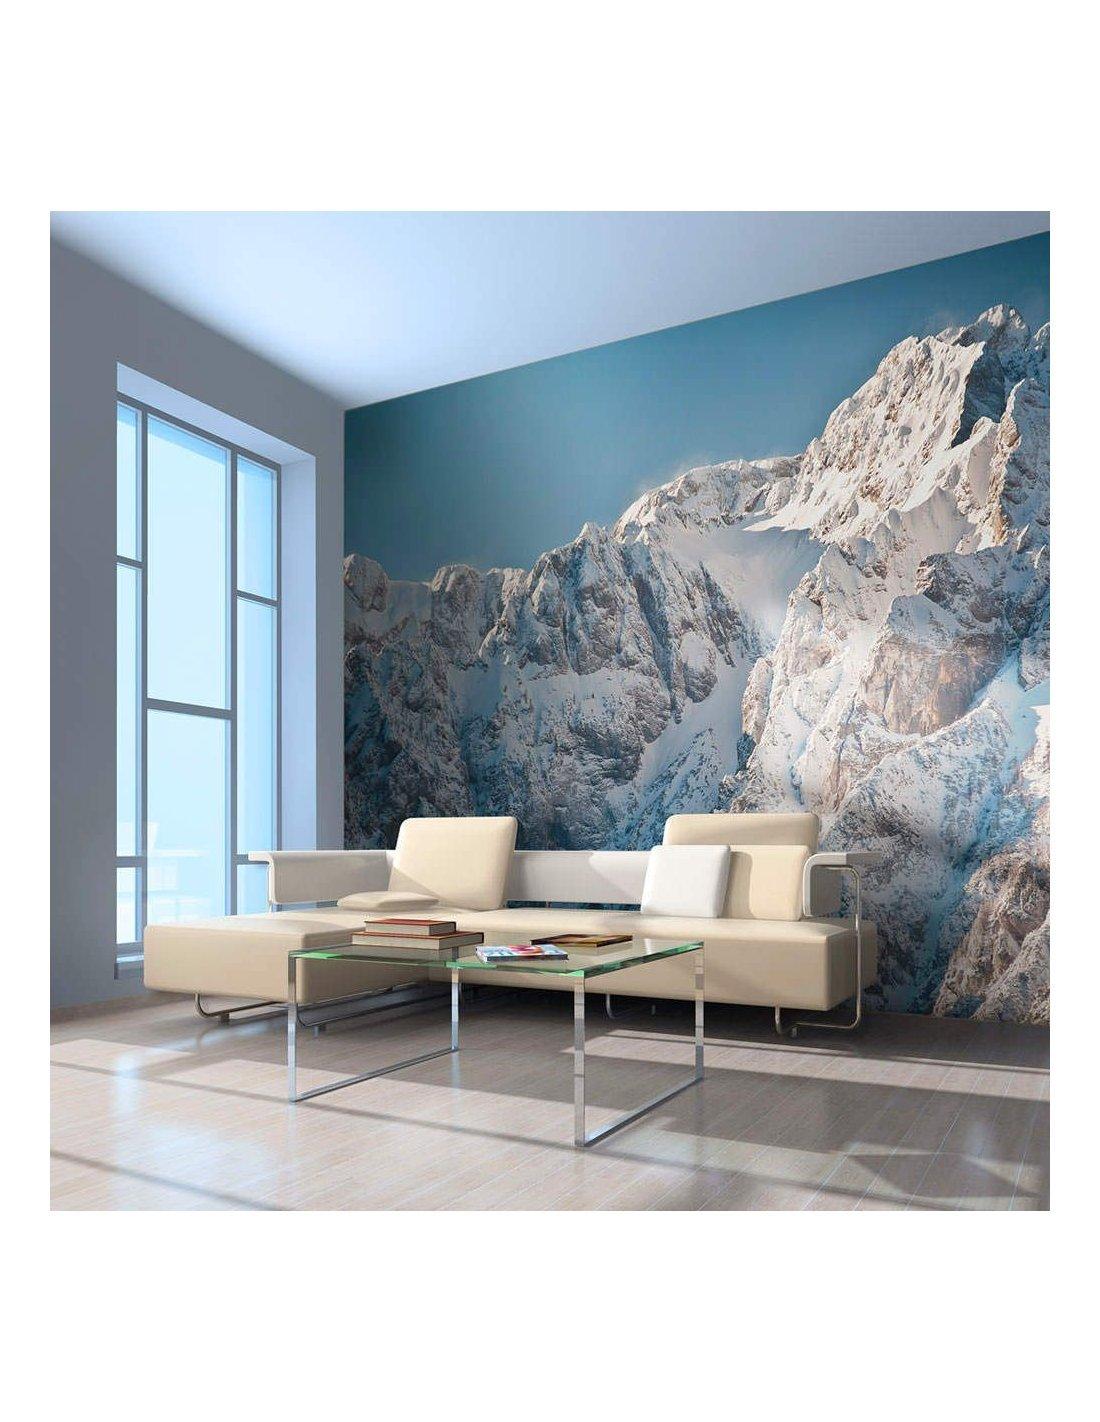 Papier Peint Paysage Enneige Alpes A 89 90 Chez Recollection